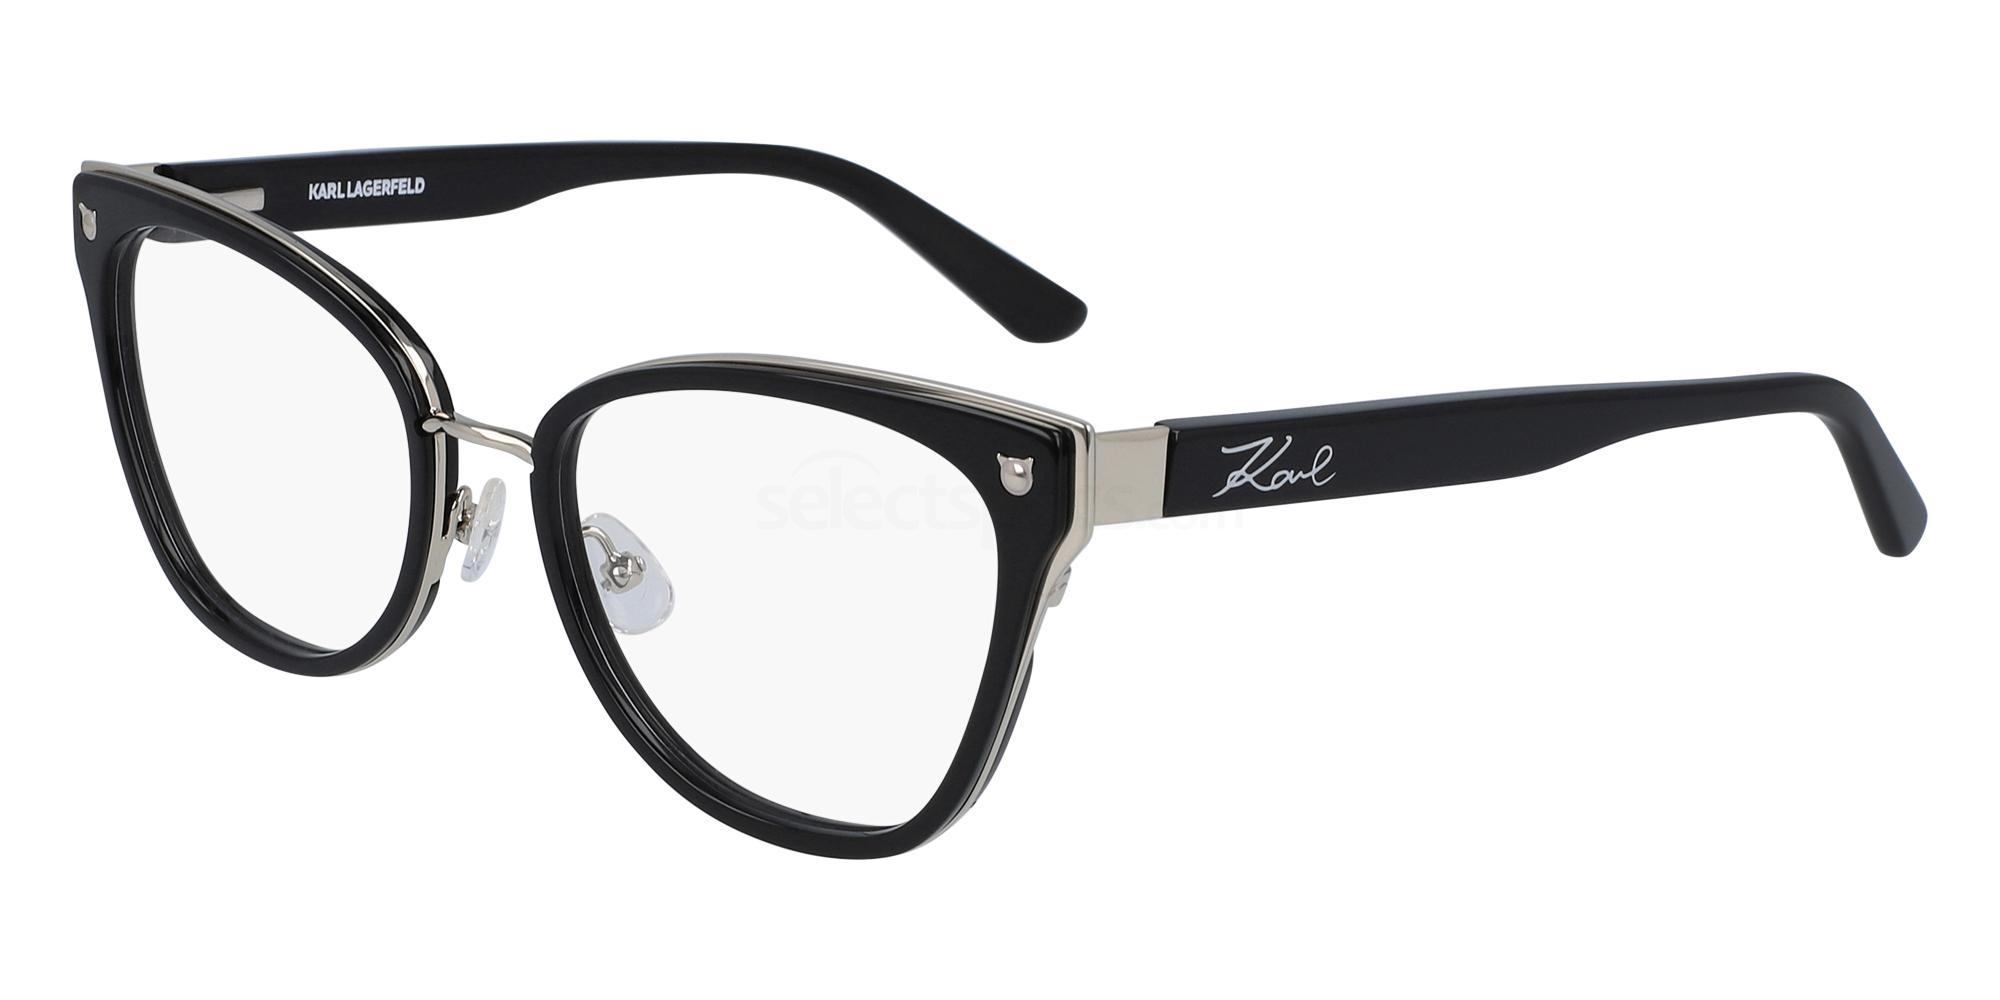 501 KL287 Glasses, Karl Lagerfeld